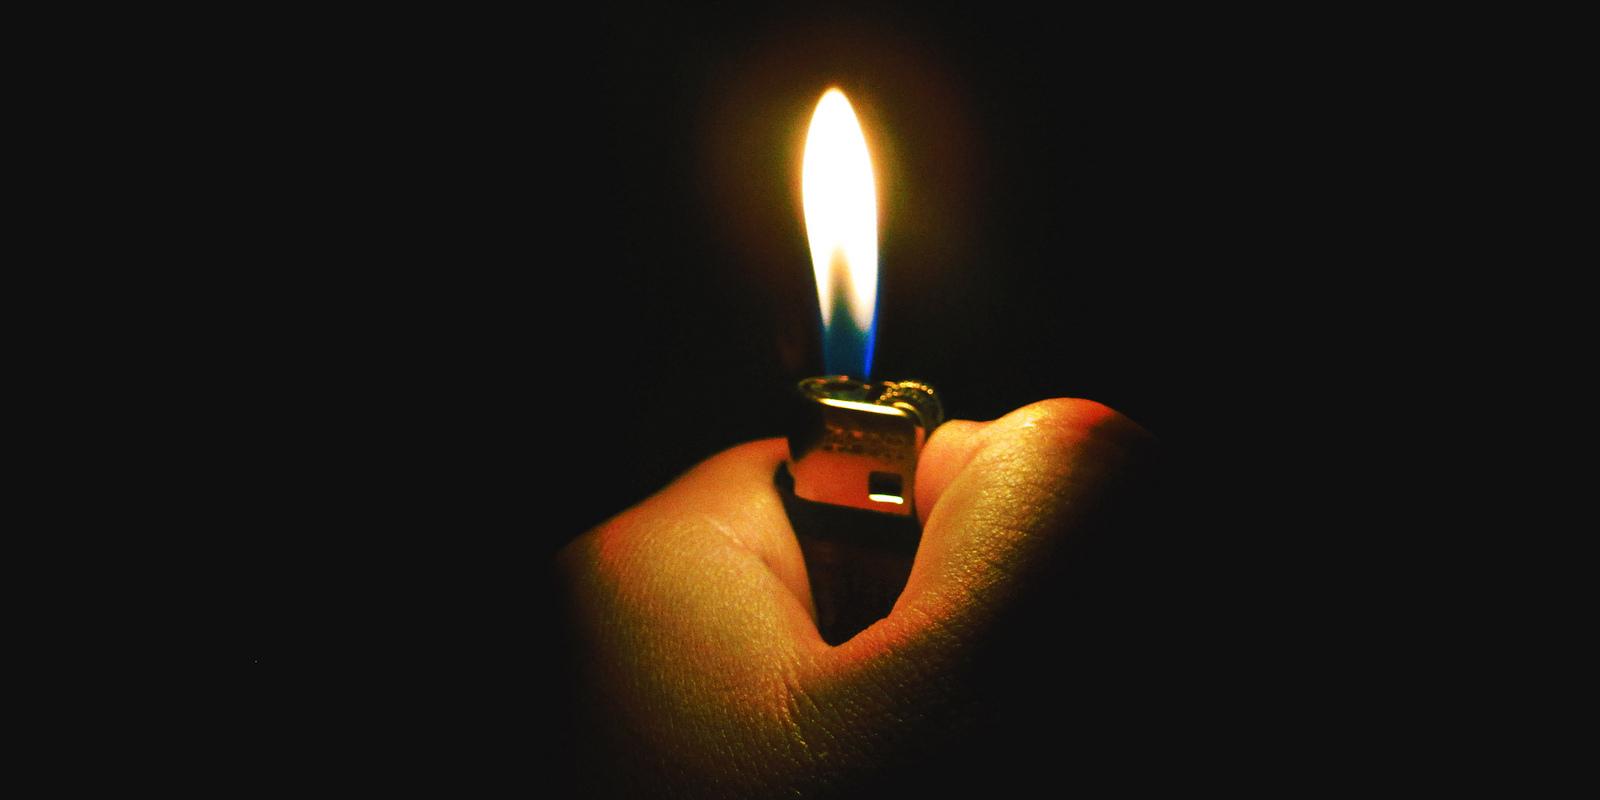 Zapalniczka w dłoni